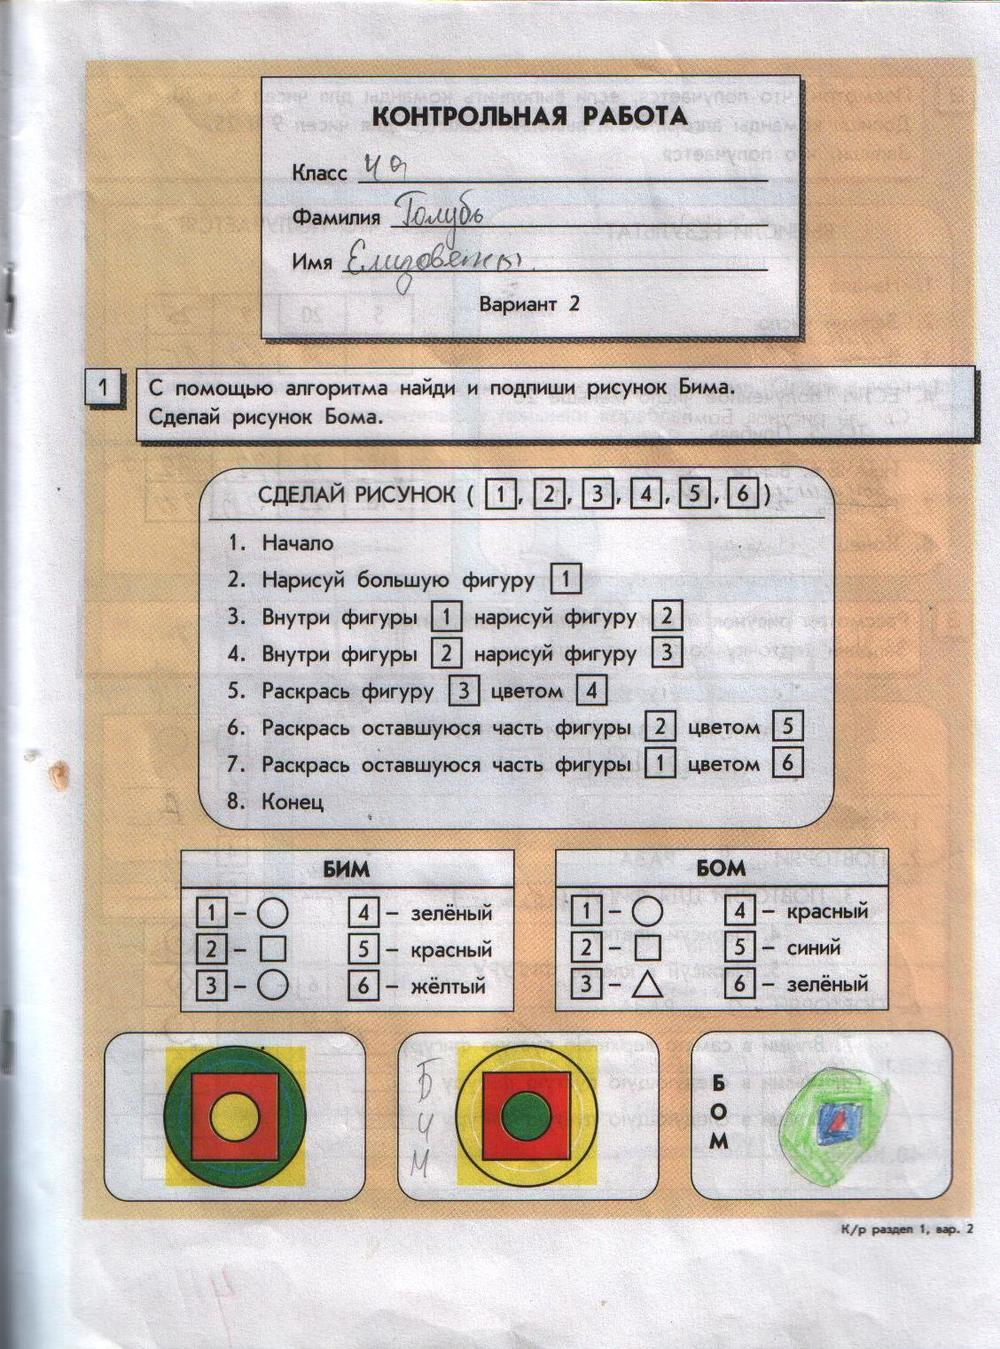 Решебник по информатике 4 класс часть 1 горячев страница 35 8 онлайн